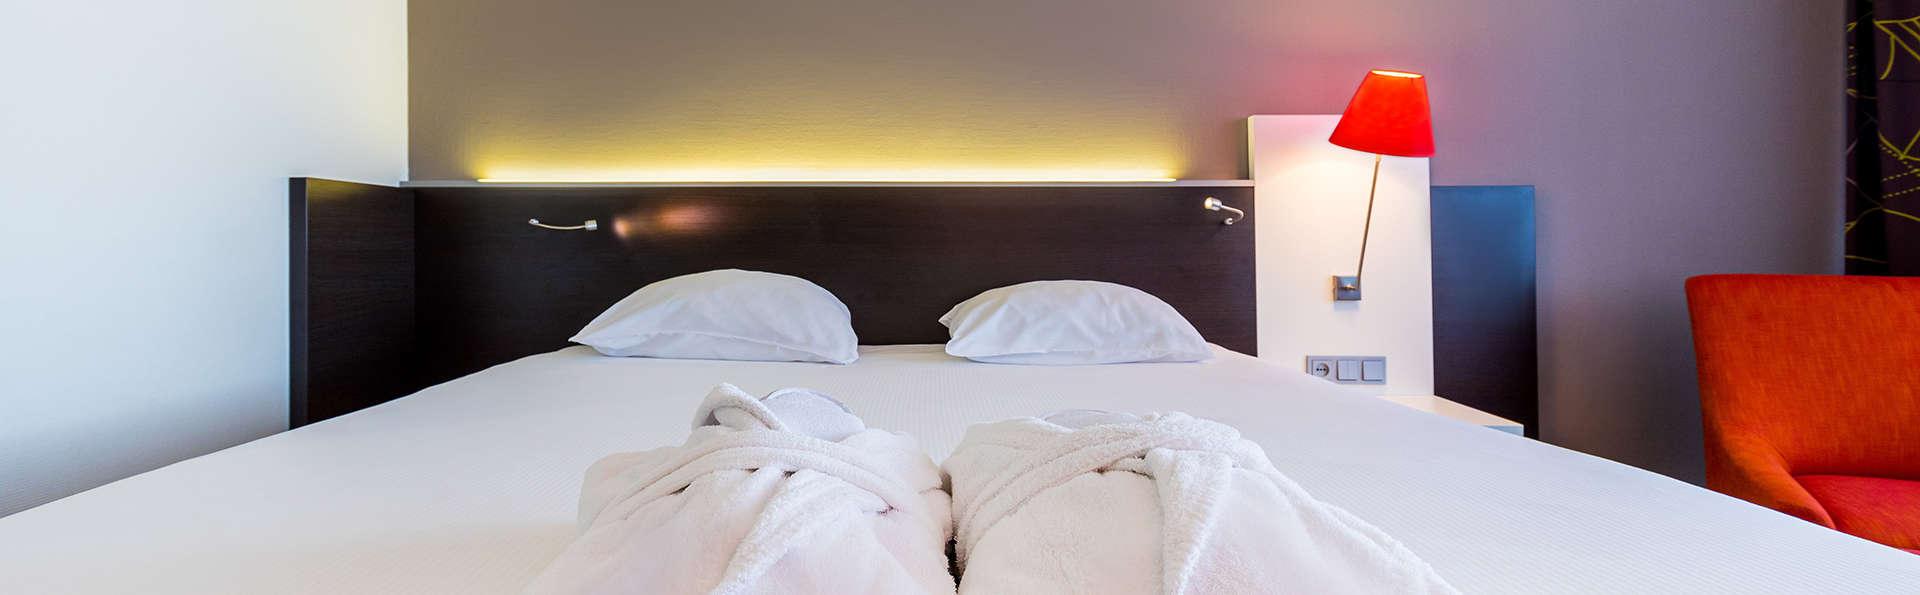 Postillion Hotel Utrecht Bunnik - EDIT_COMFORT_ROOM_2.jpg